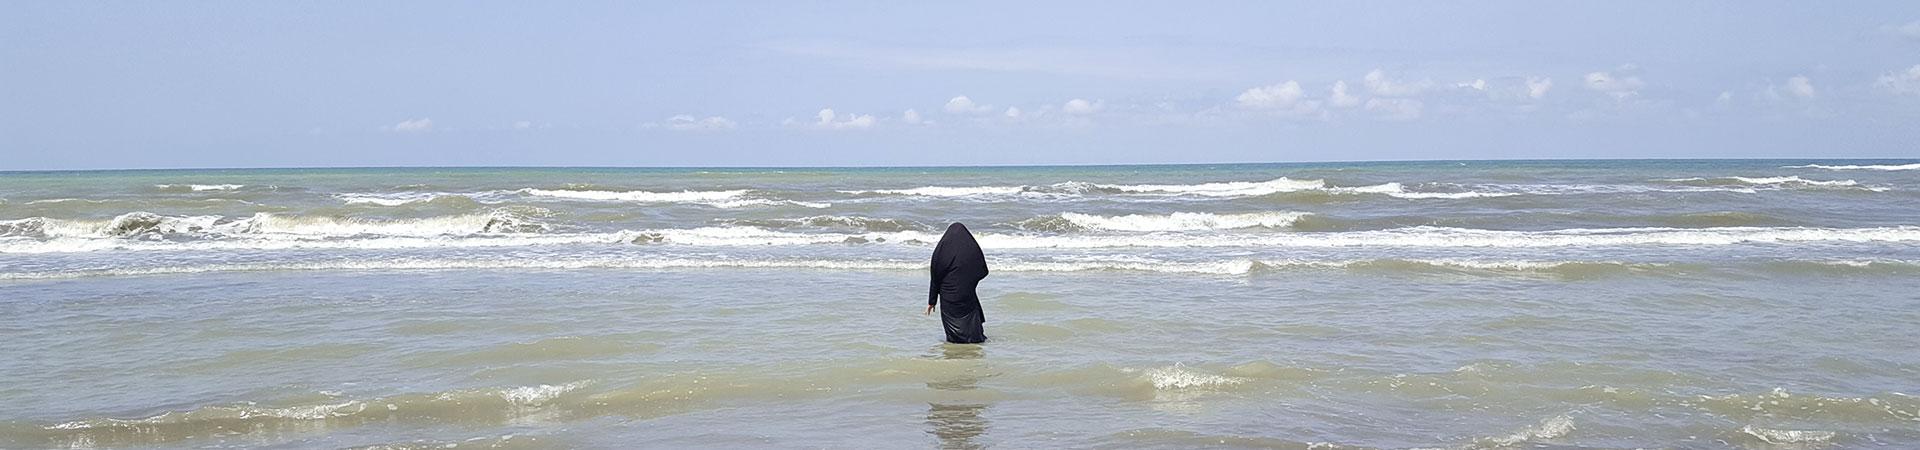 Titelbild-Am-Strand-in-Iran_28-07-2021_0ddec